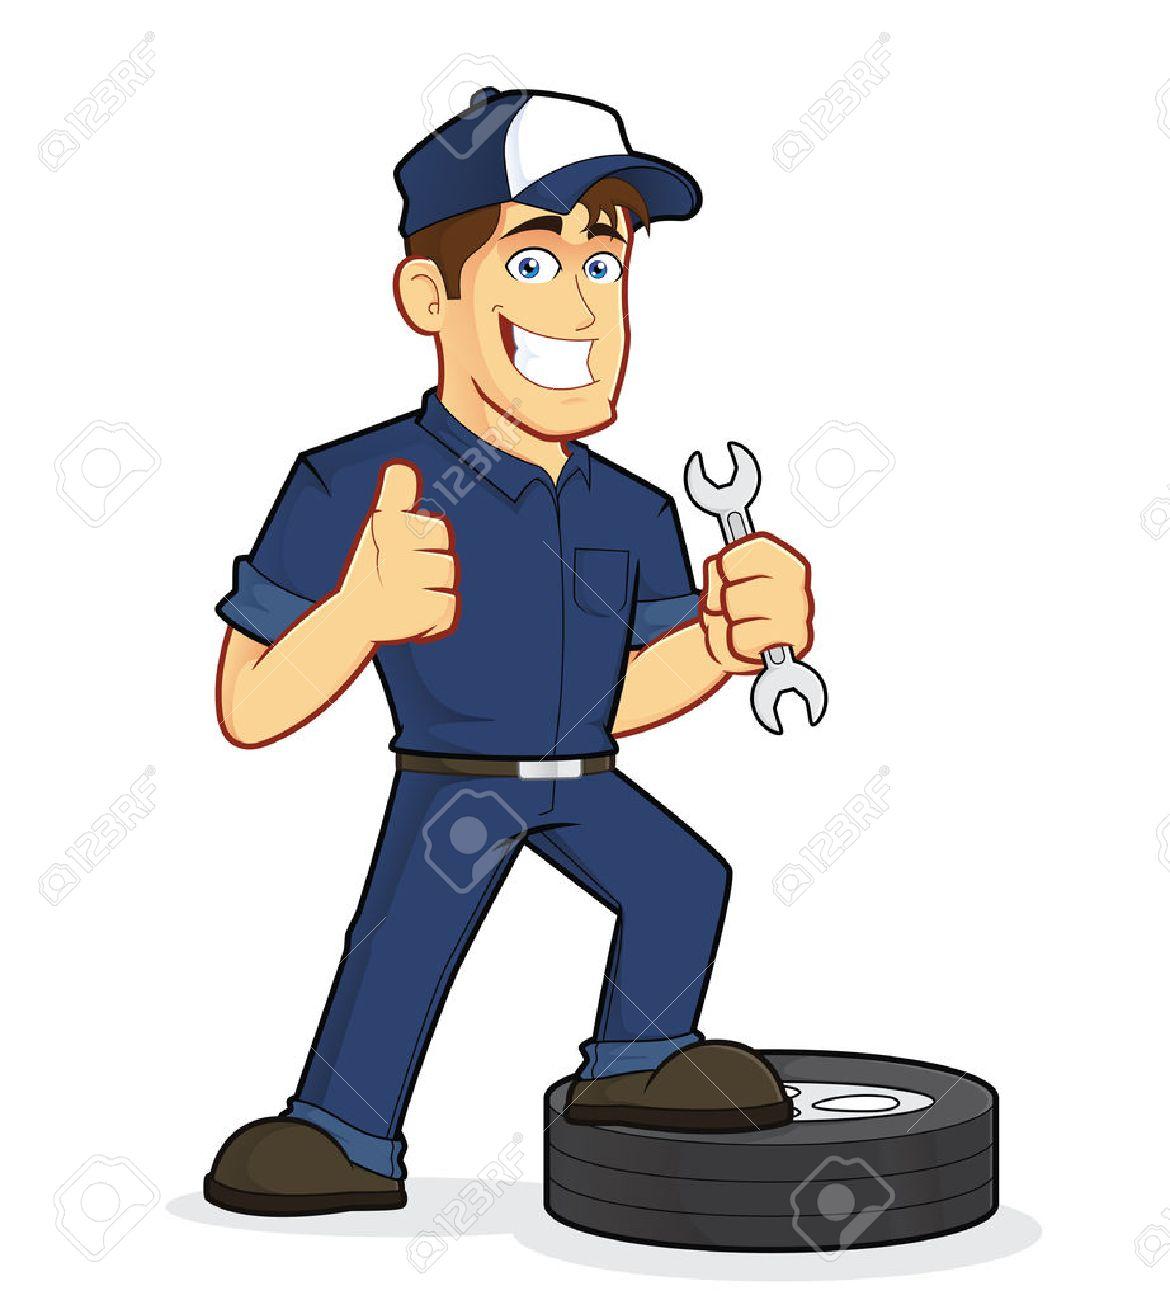 Auto Mechanic - 33039082